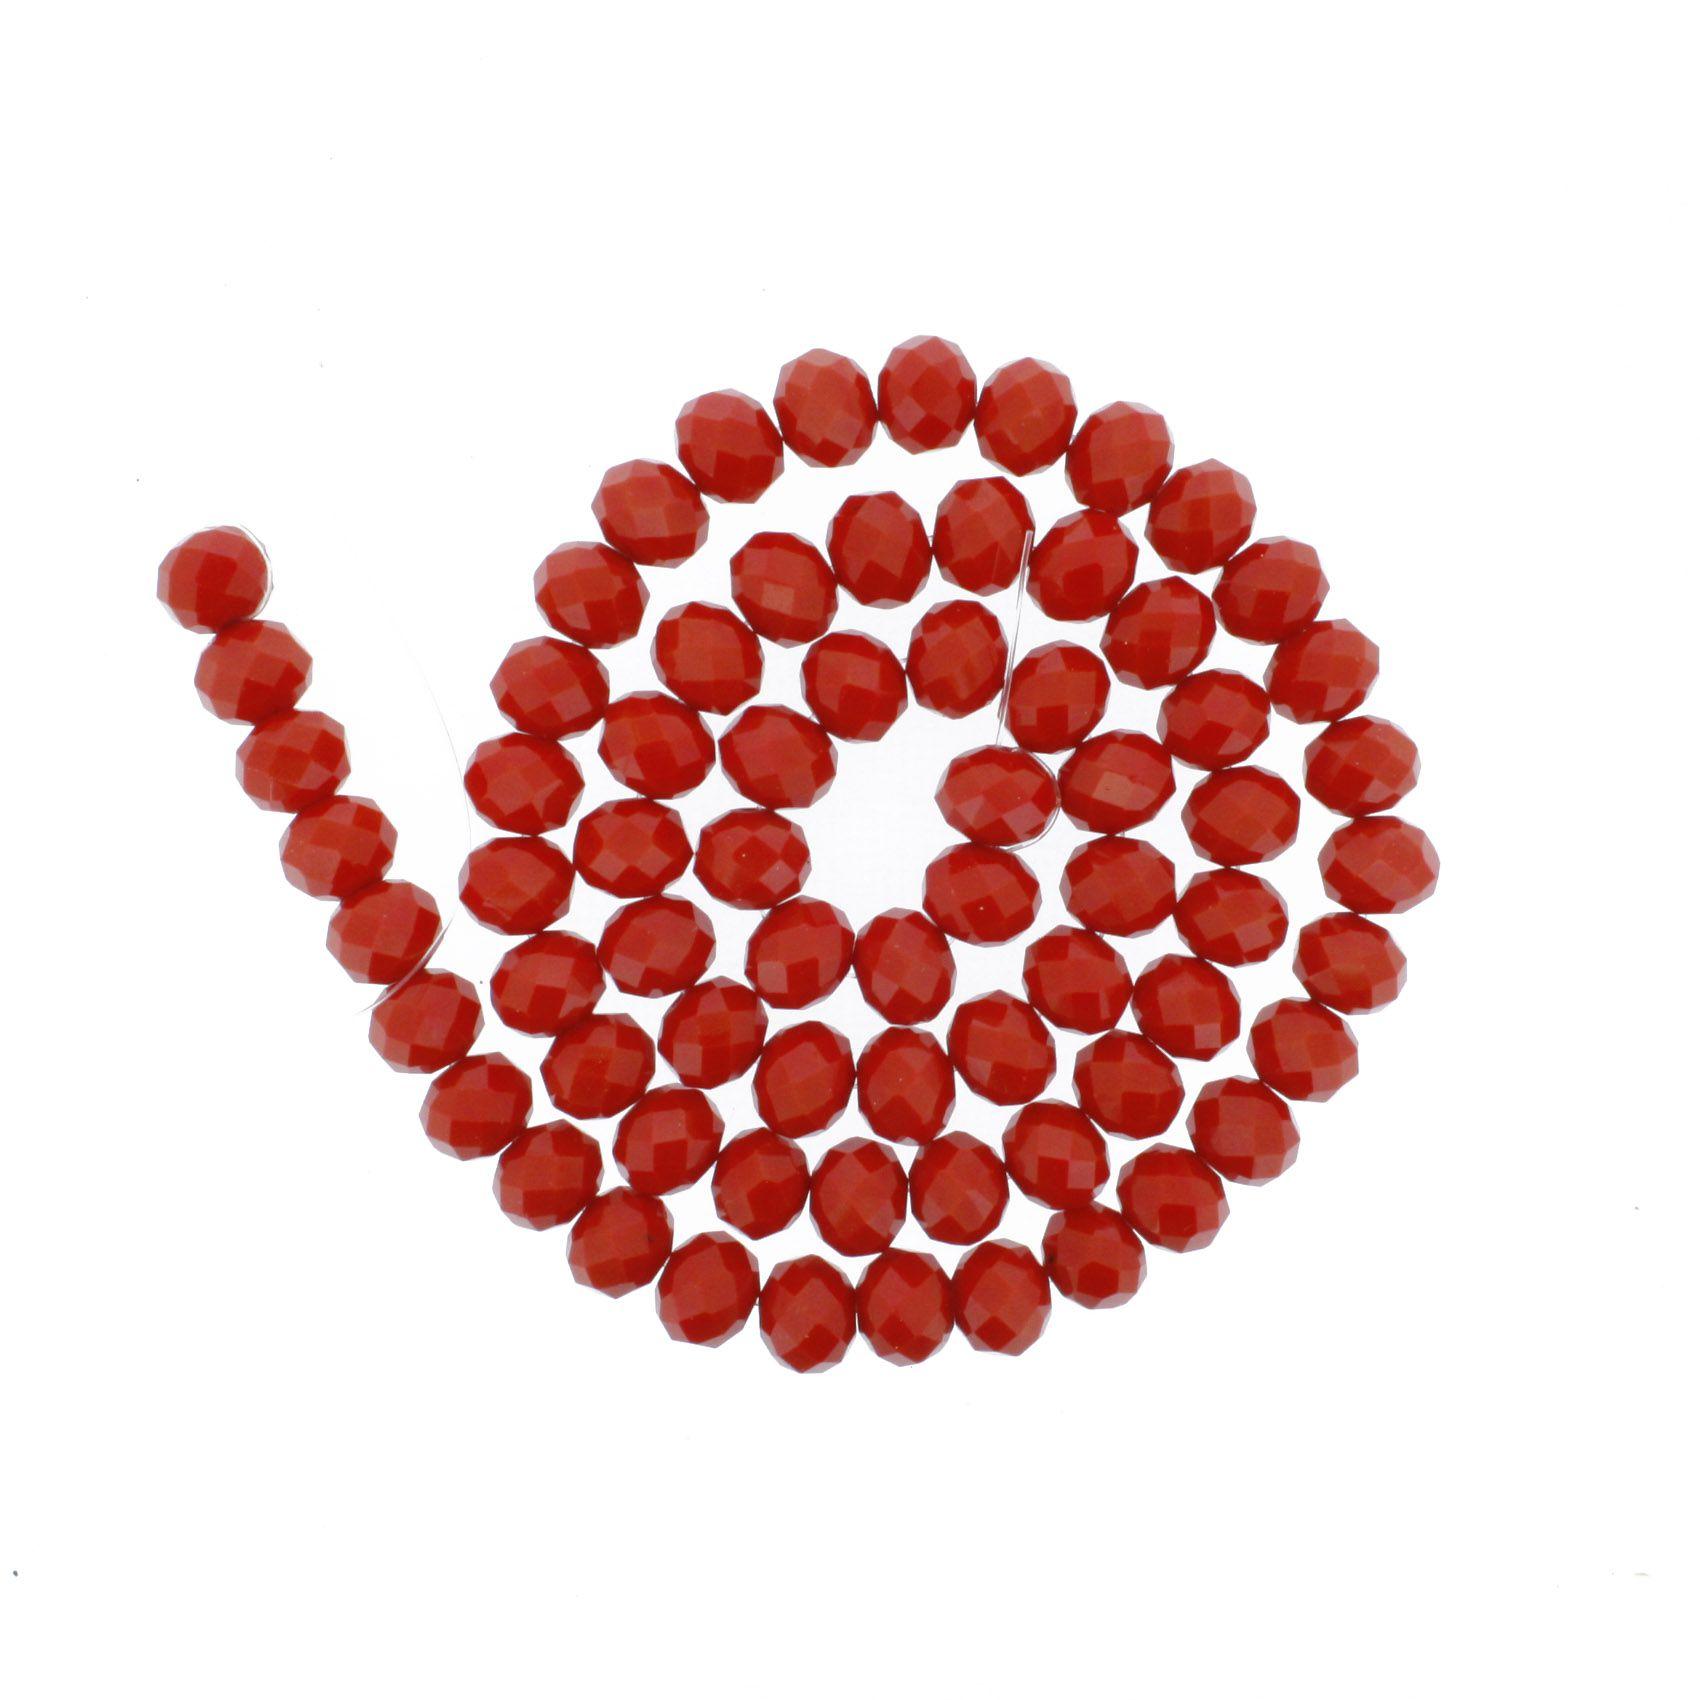 Fio de Cristal - Flat® - Vermelho - 10mm  - Stéphanie Bijoux® - Peças para Bijuterias e Artesanato